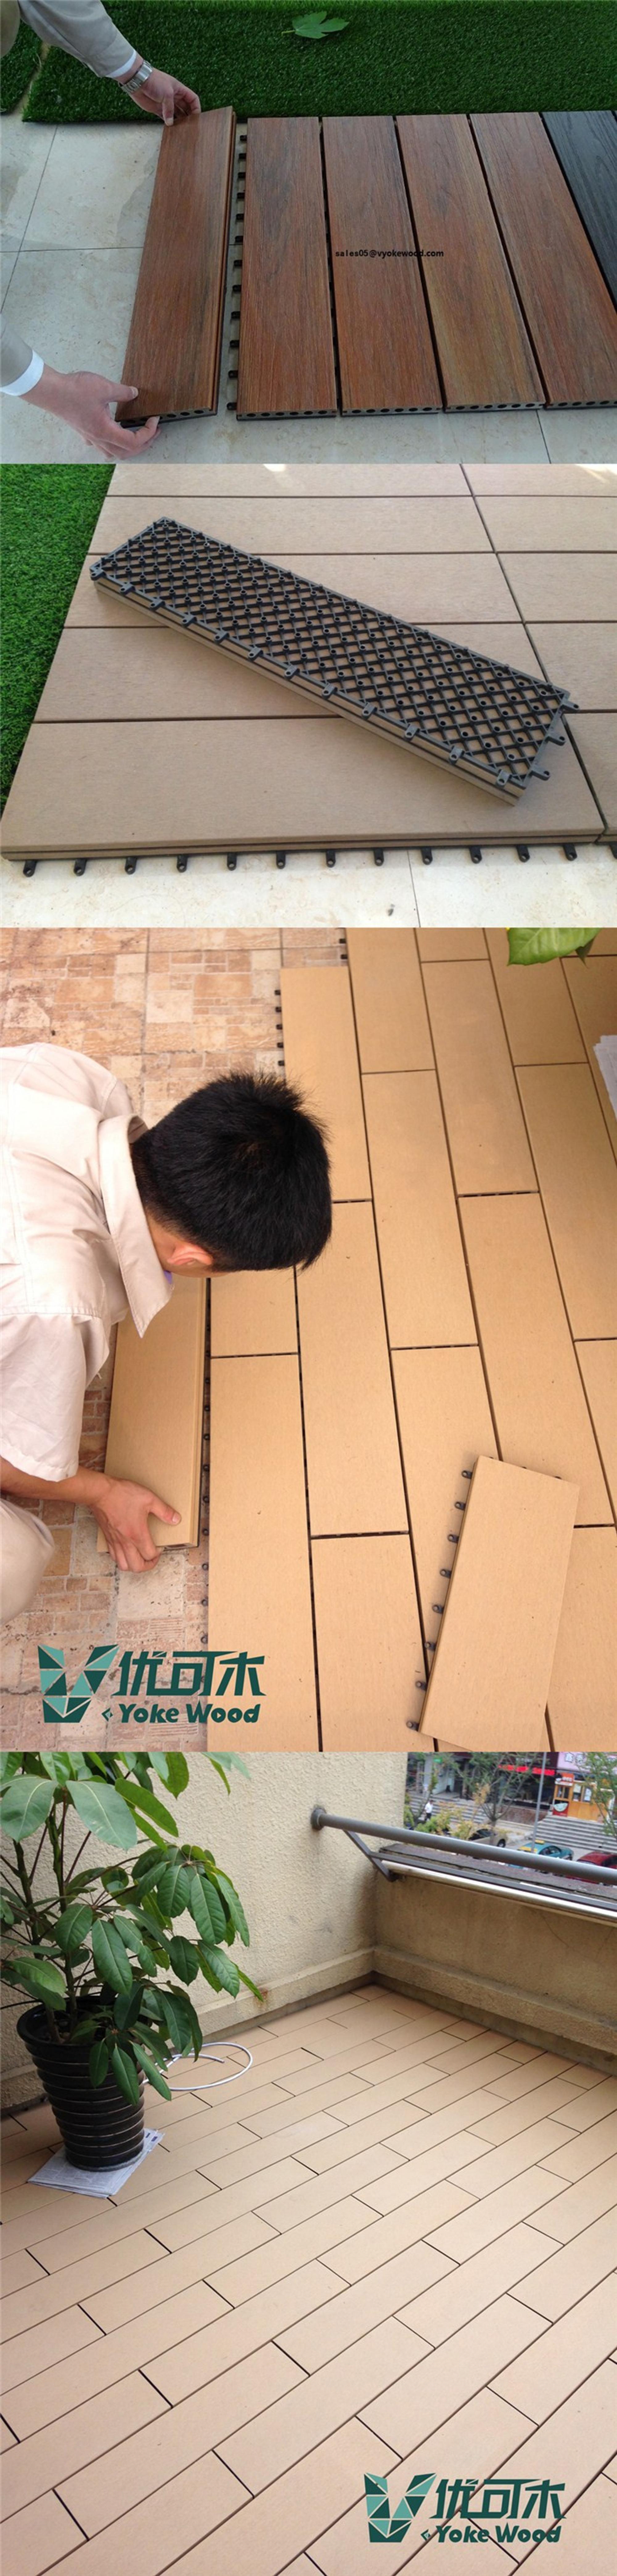 Revetement Pour Sol Exterieur pwc revêtement de sol extérieur carrelage extérieur revêtement de sol  extérieur carrelage extérieur imbriqué - buy carreaux de terrasse À